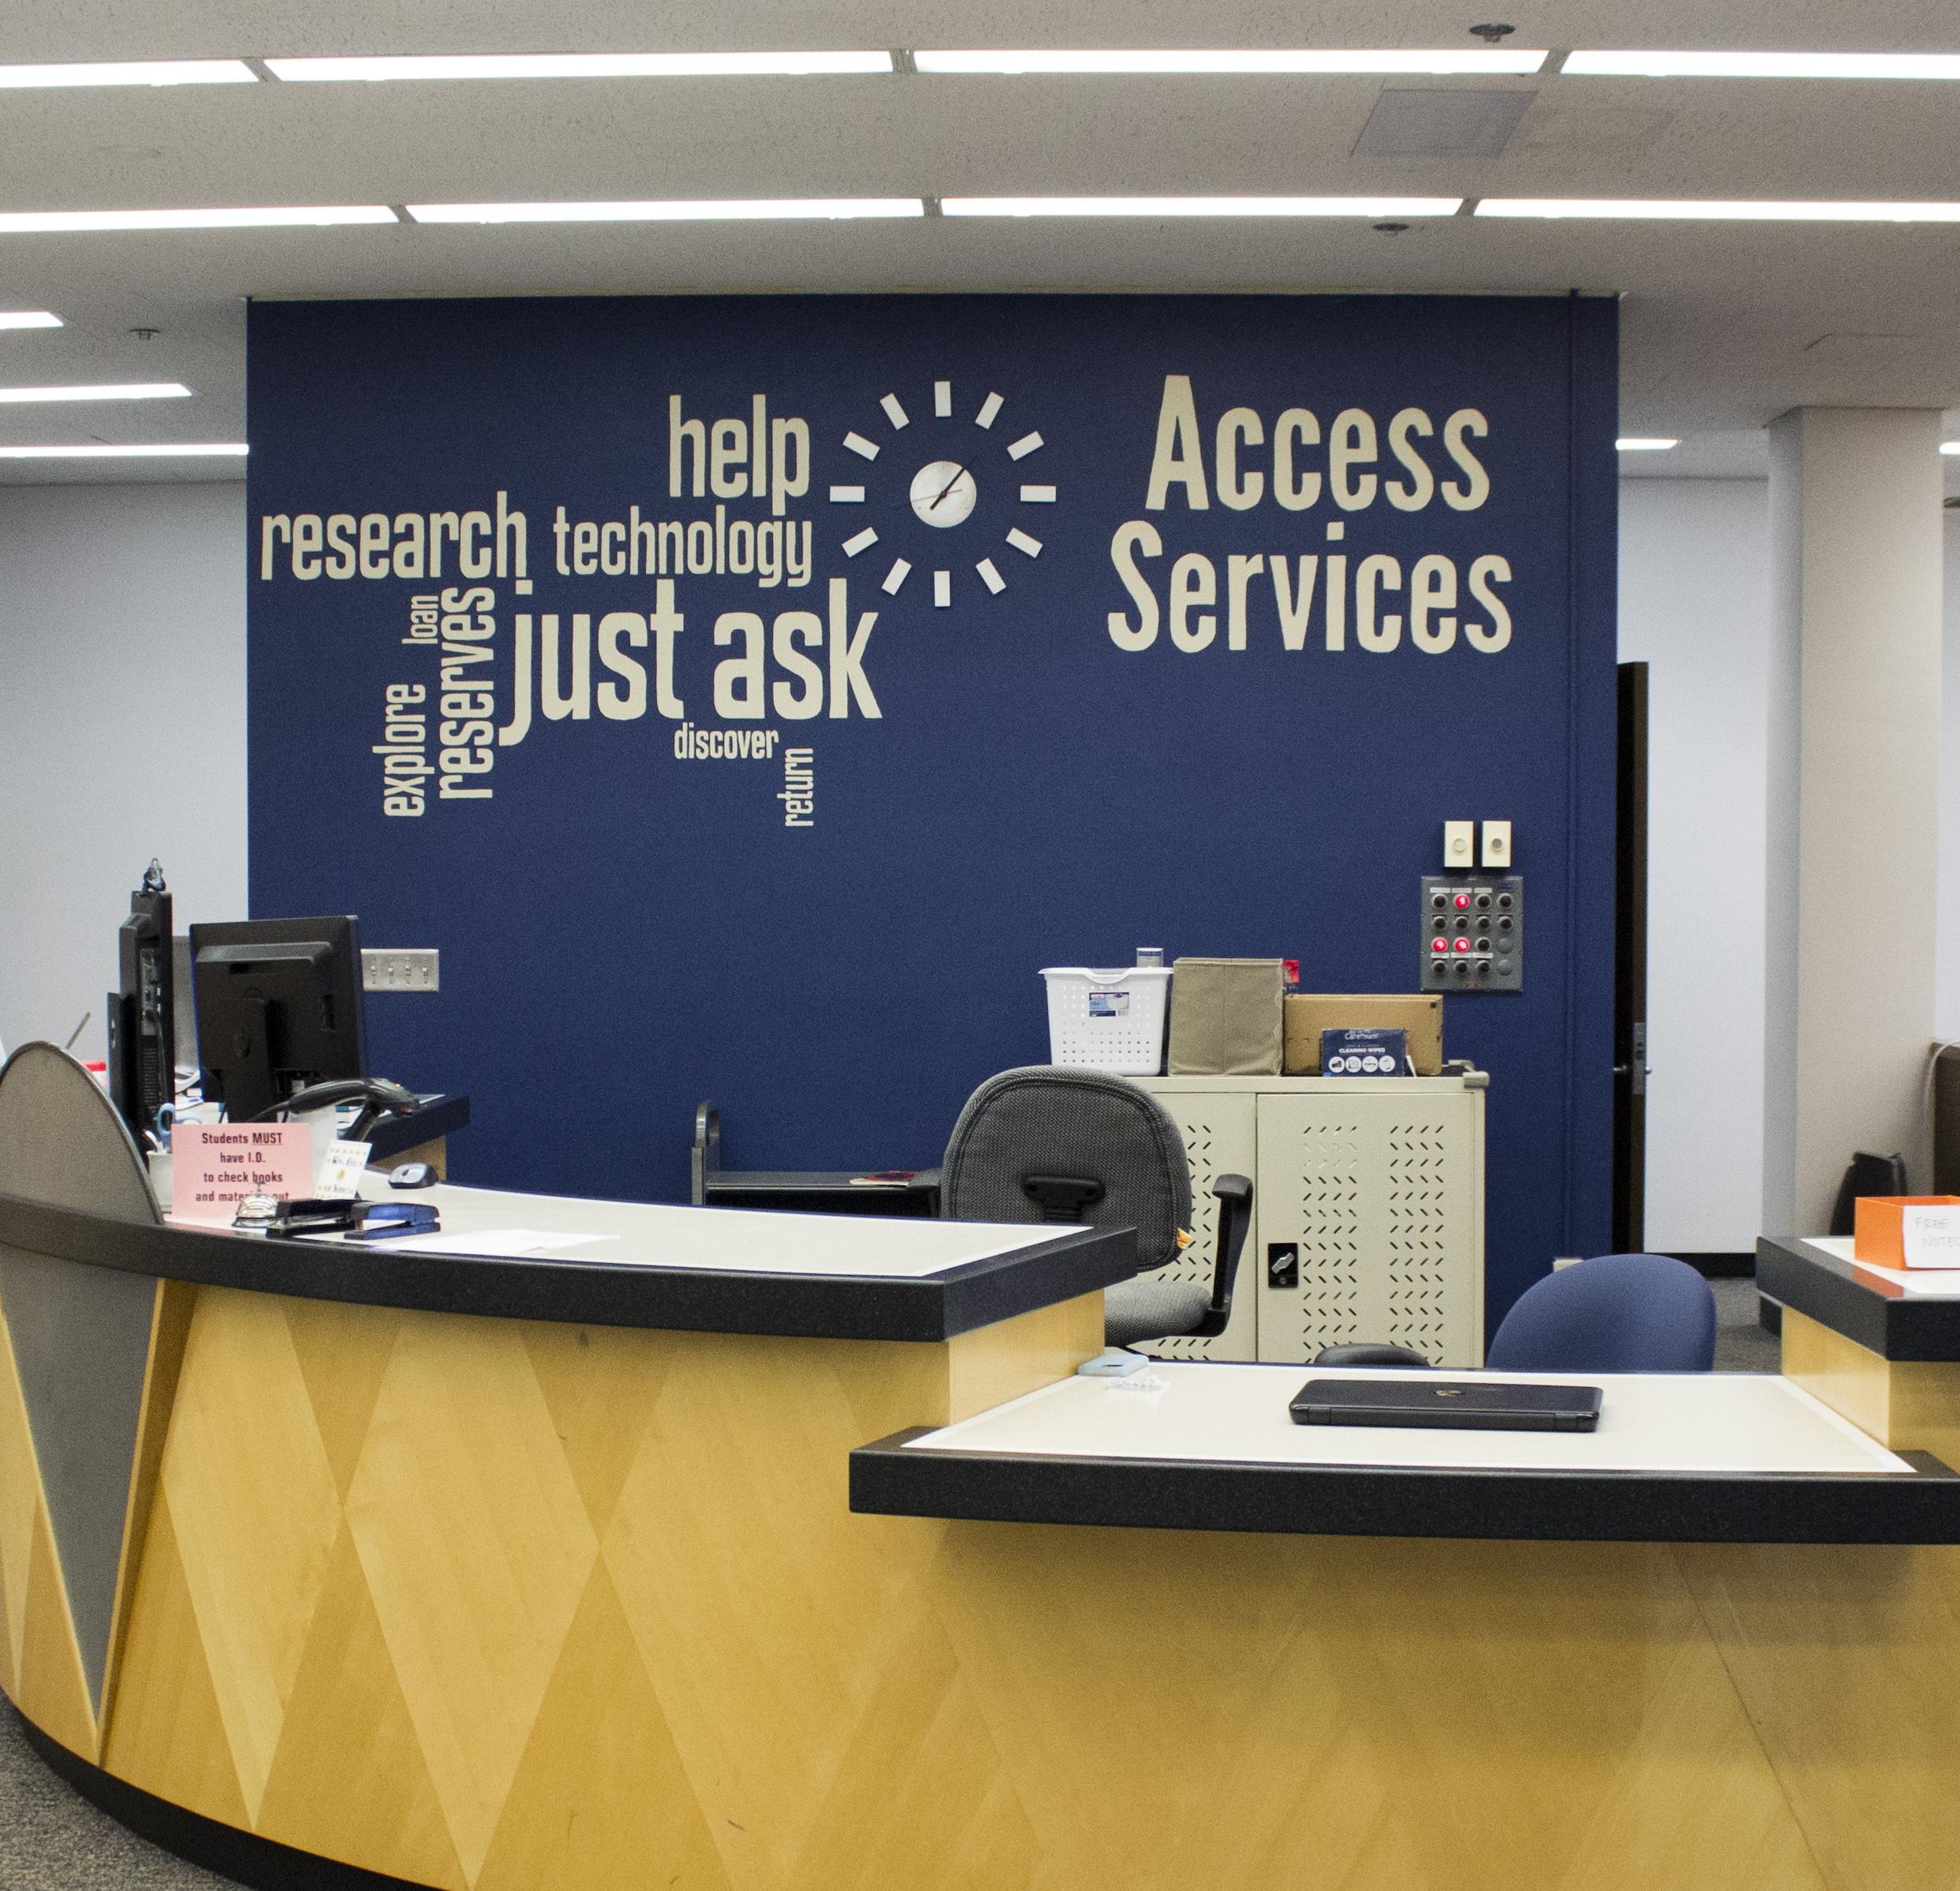 Access Services Desk Image